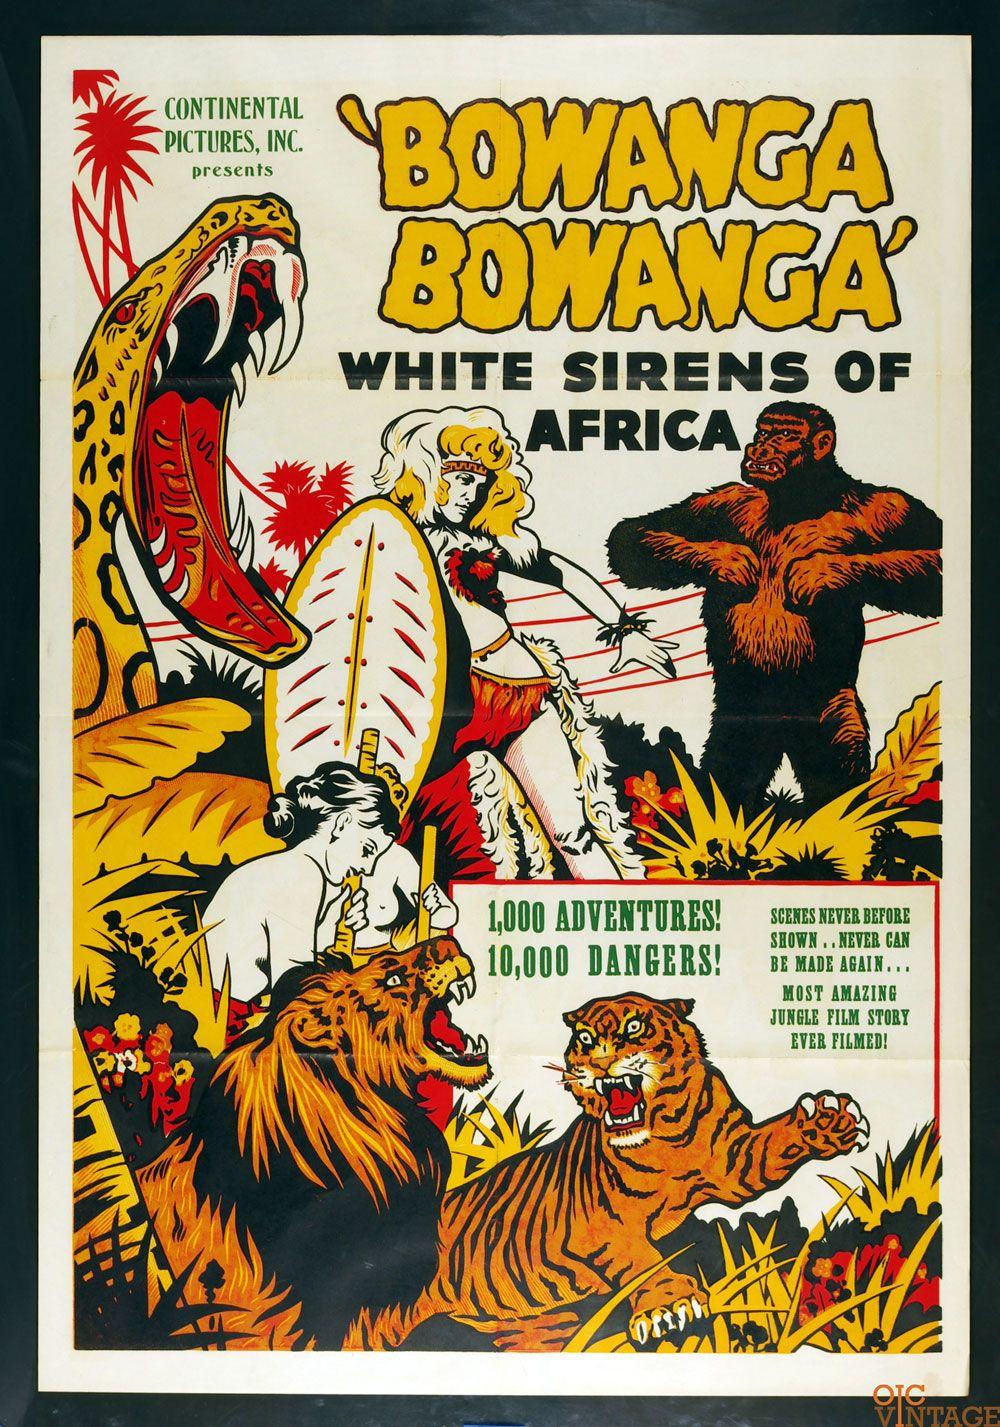 SassyFlix | Bowanga, Bowanga: White Sirens of Africa